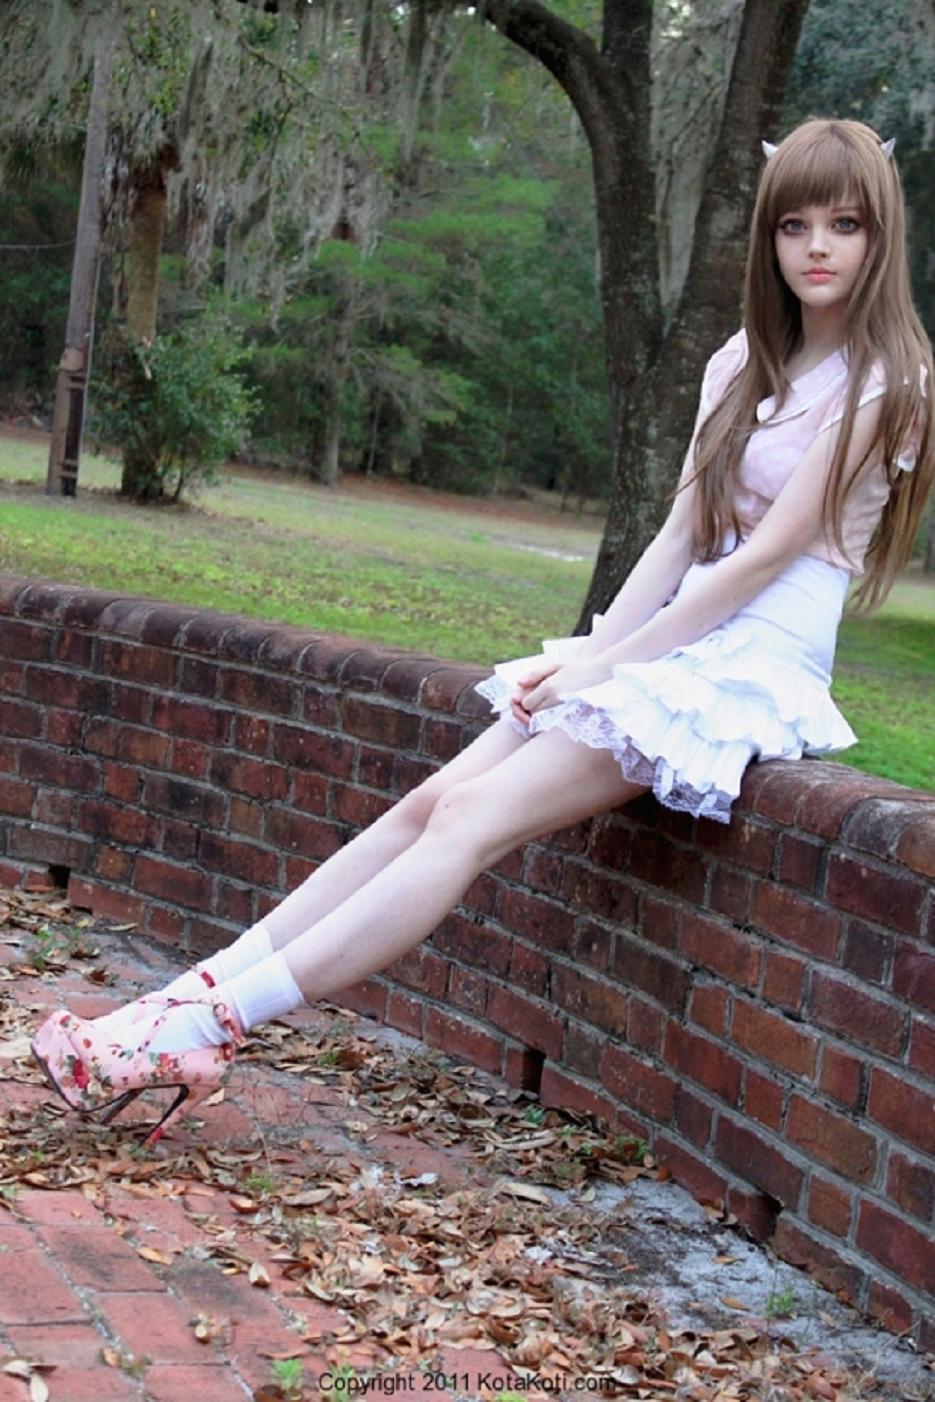 Фото с юными голыми девочками бесплатно 10 фотография